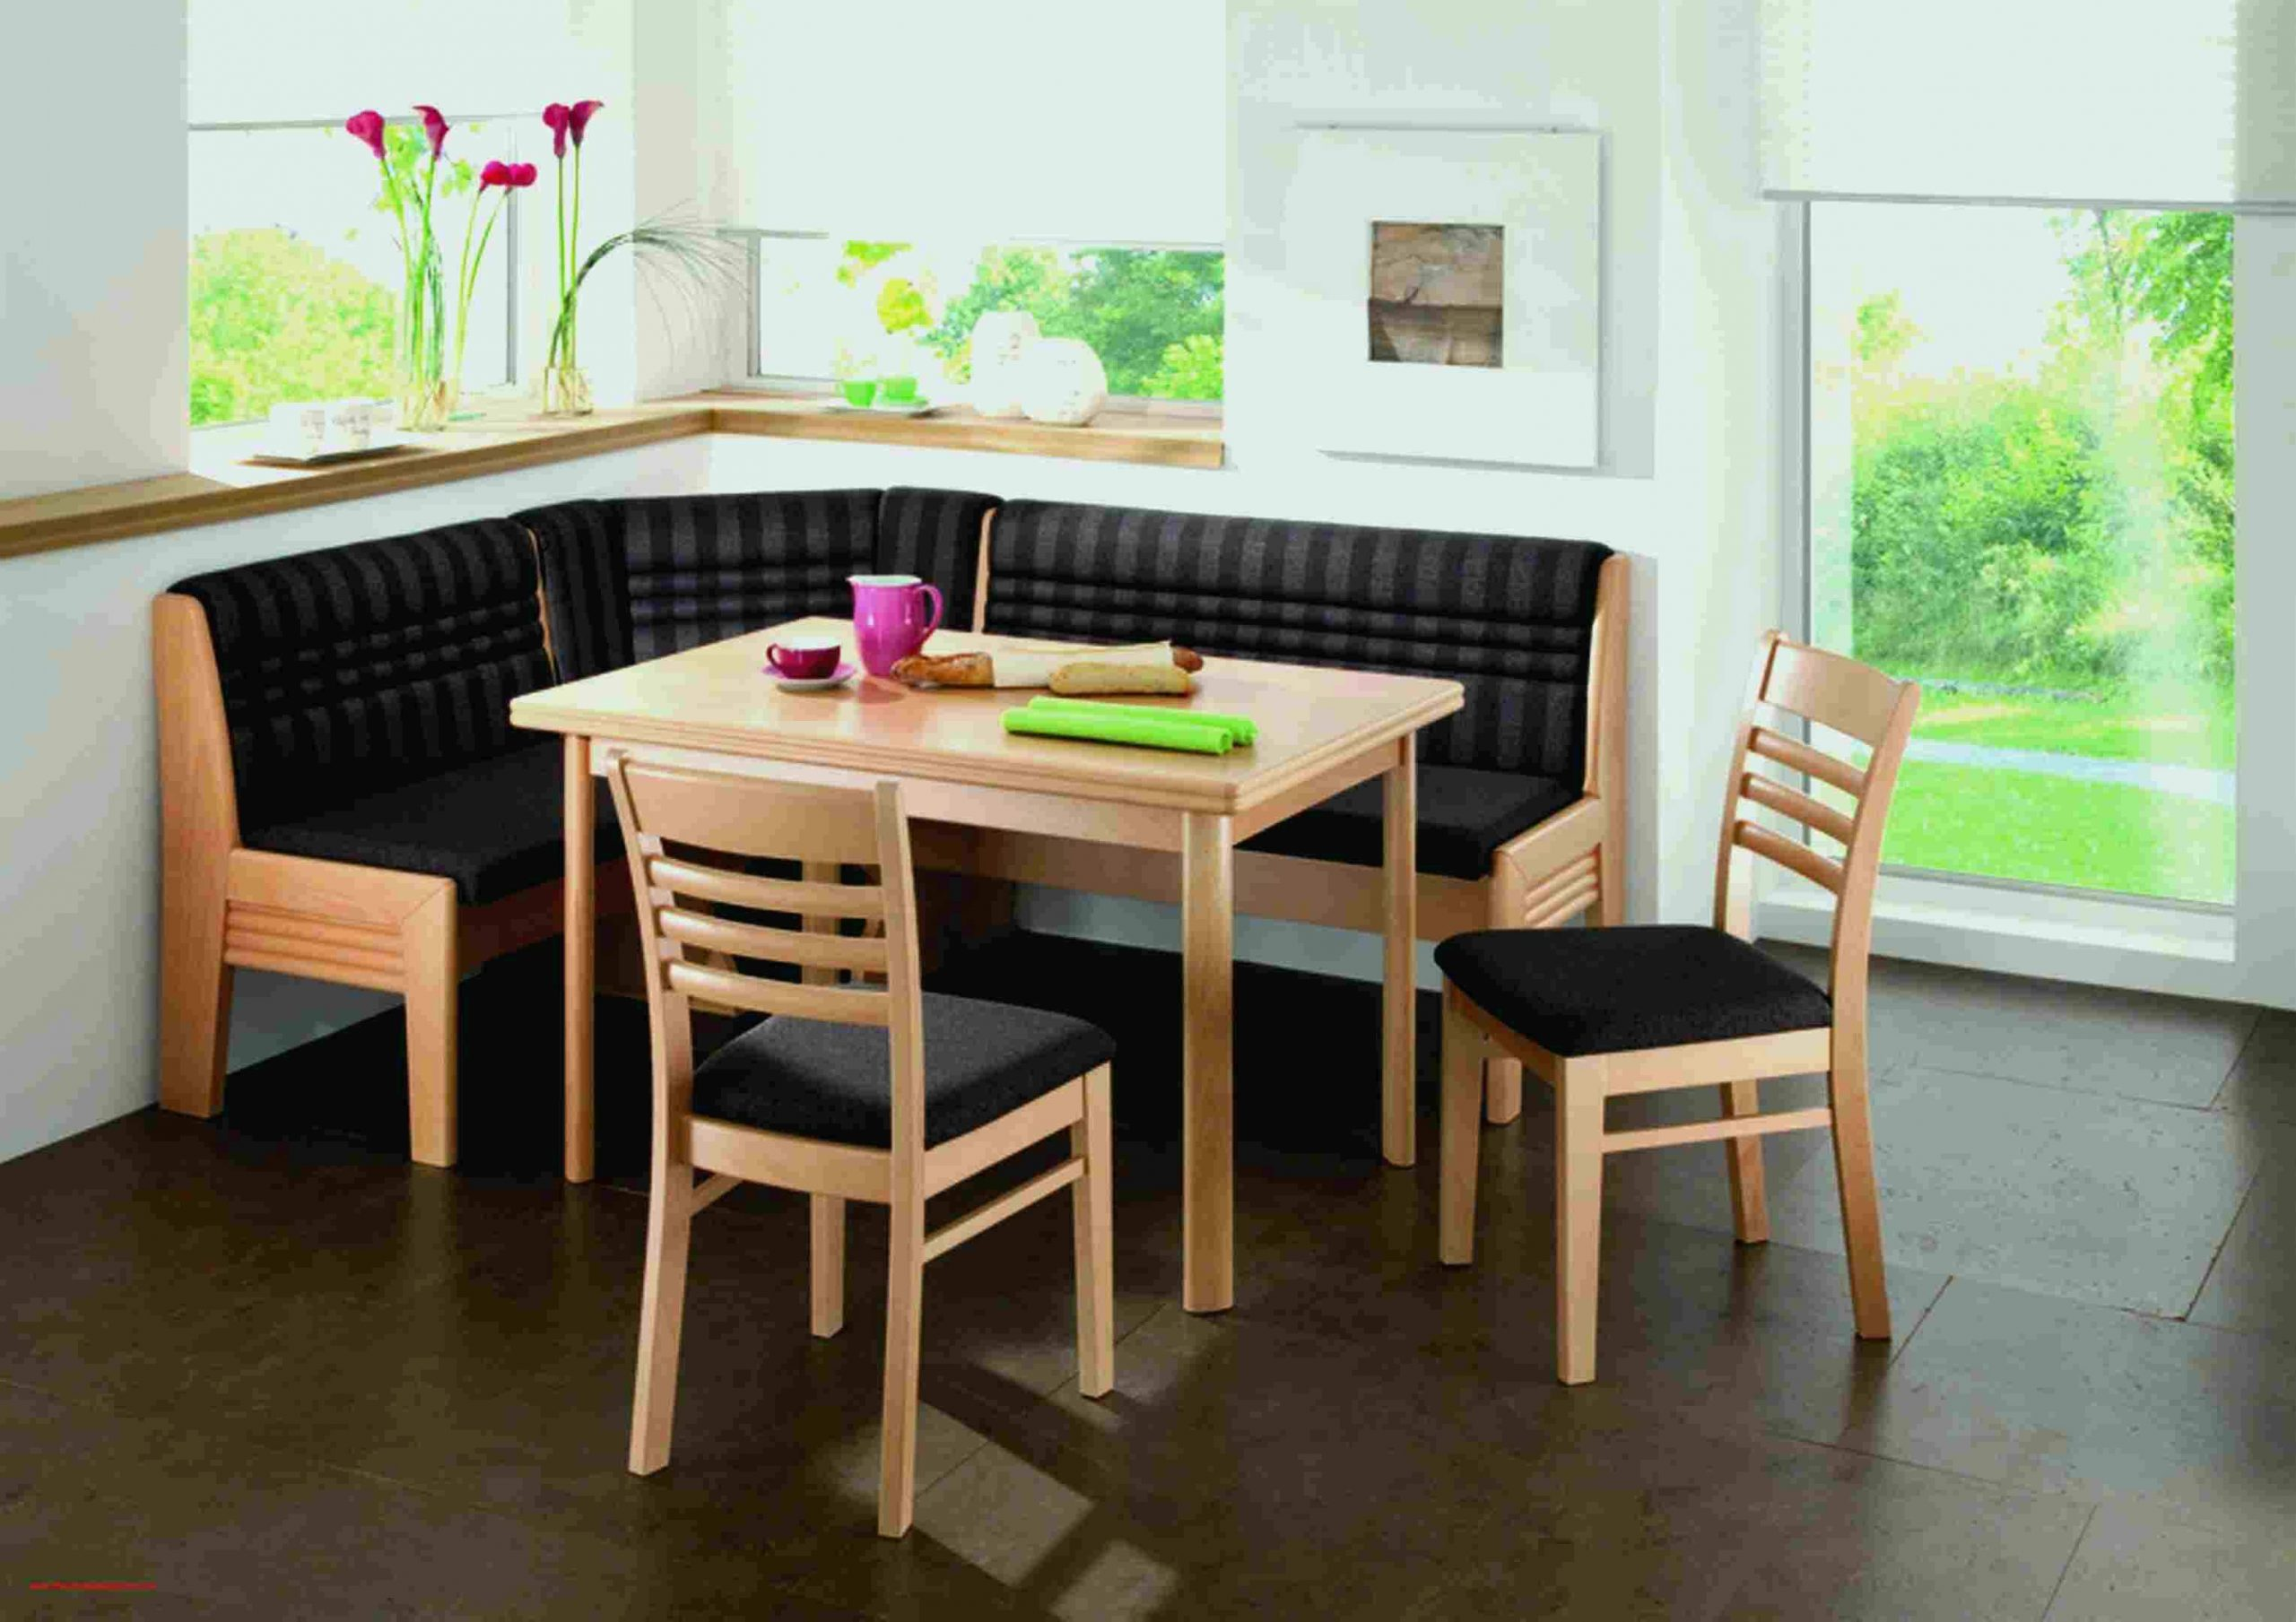 Full Size of Ebay Gebrauchte Möbel Wohnzimmer Frisch Ebay Kleinanzeigen Eckbank Küche Küche Gebrauchte Küche